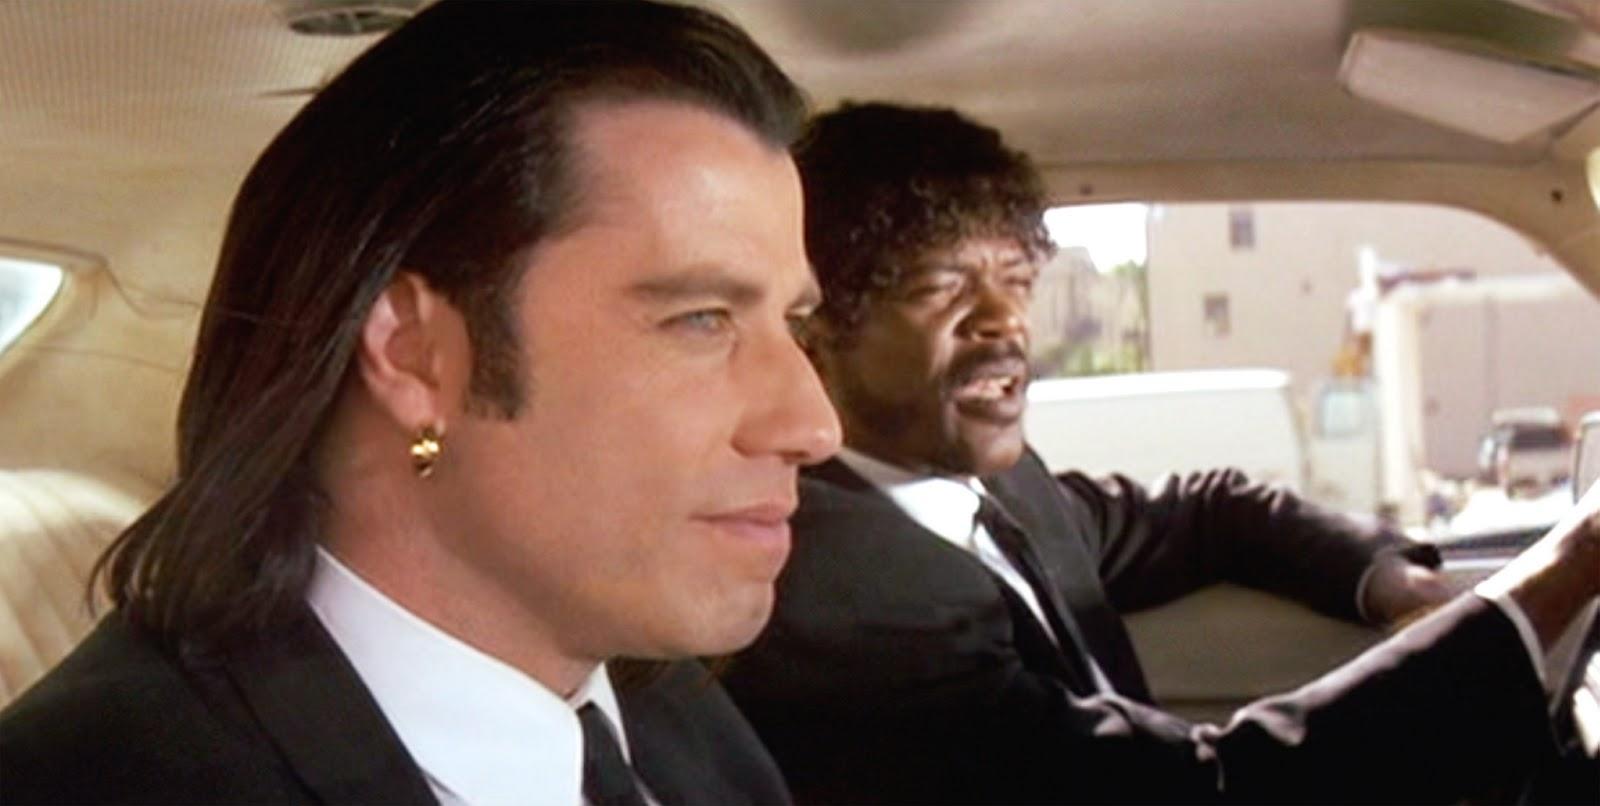 John-Travolta-Pulpfiction-01.jpg